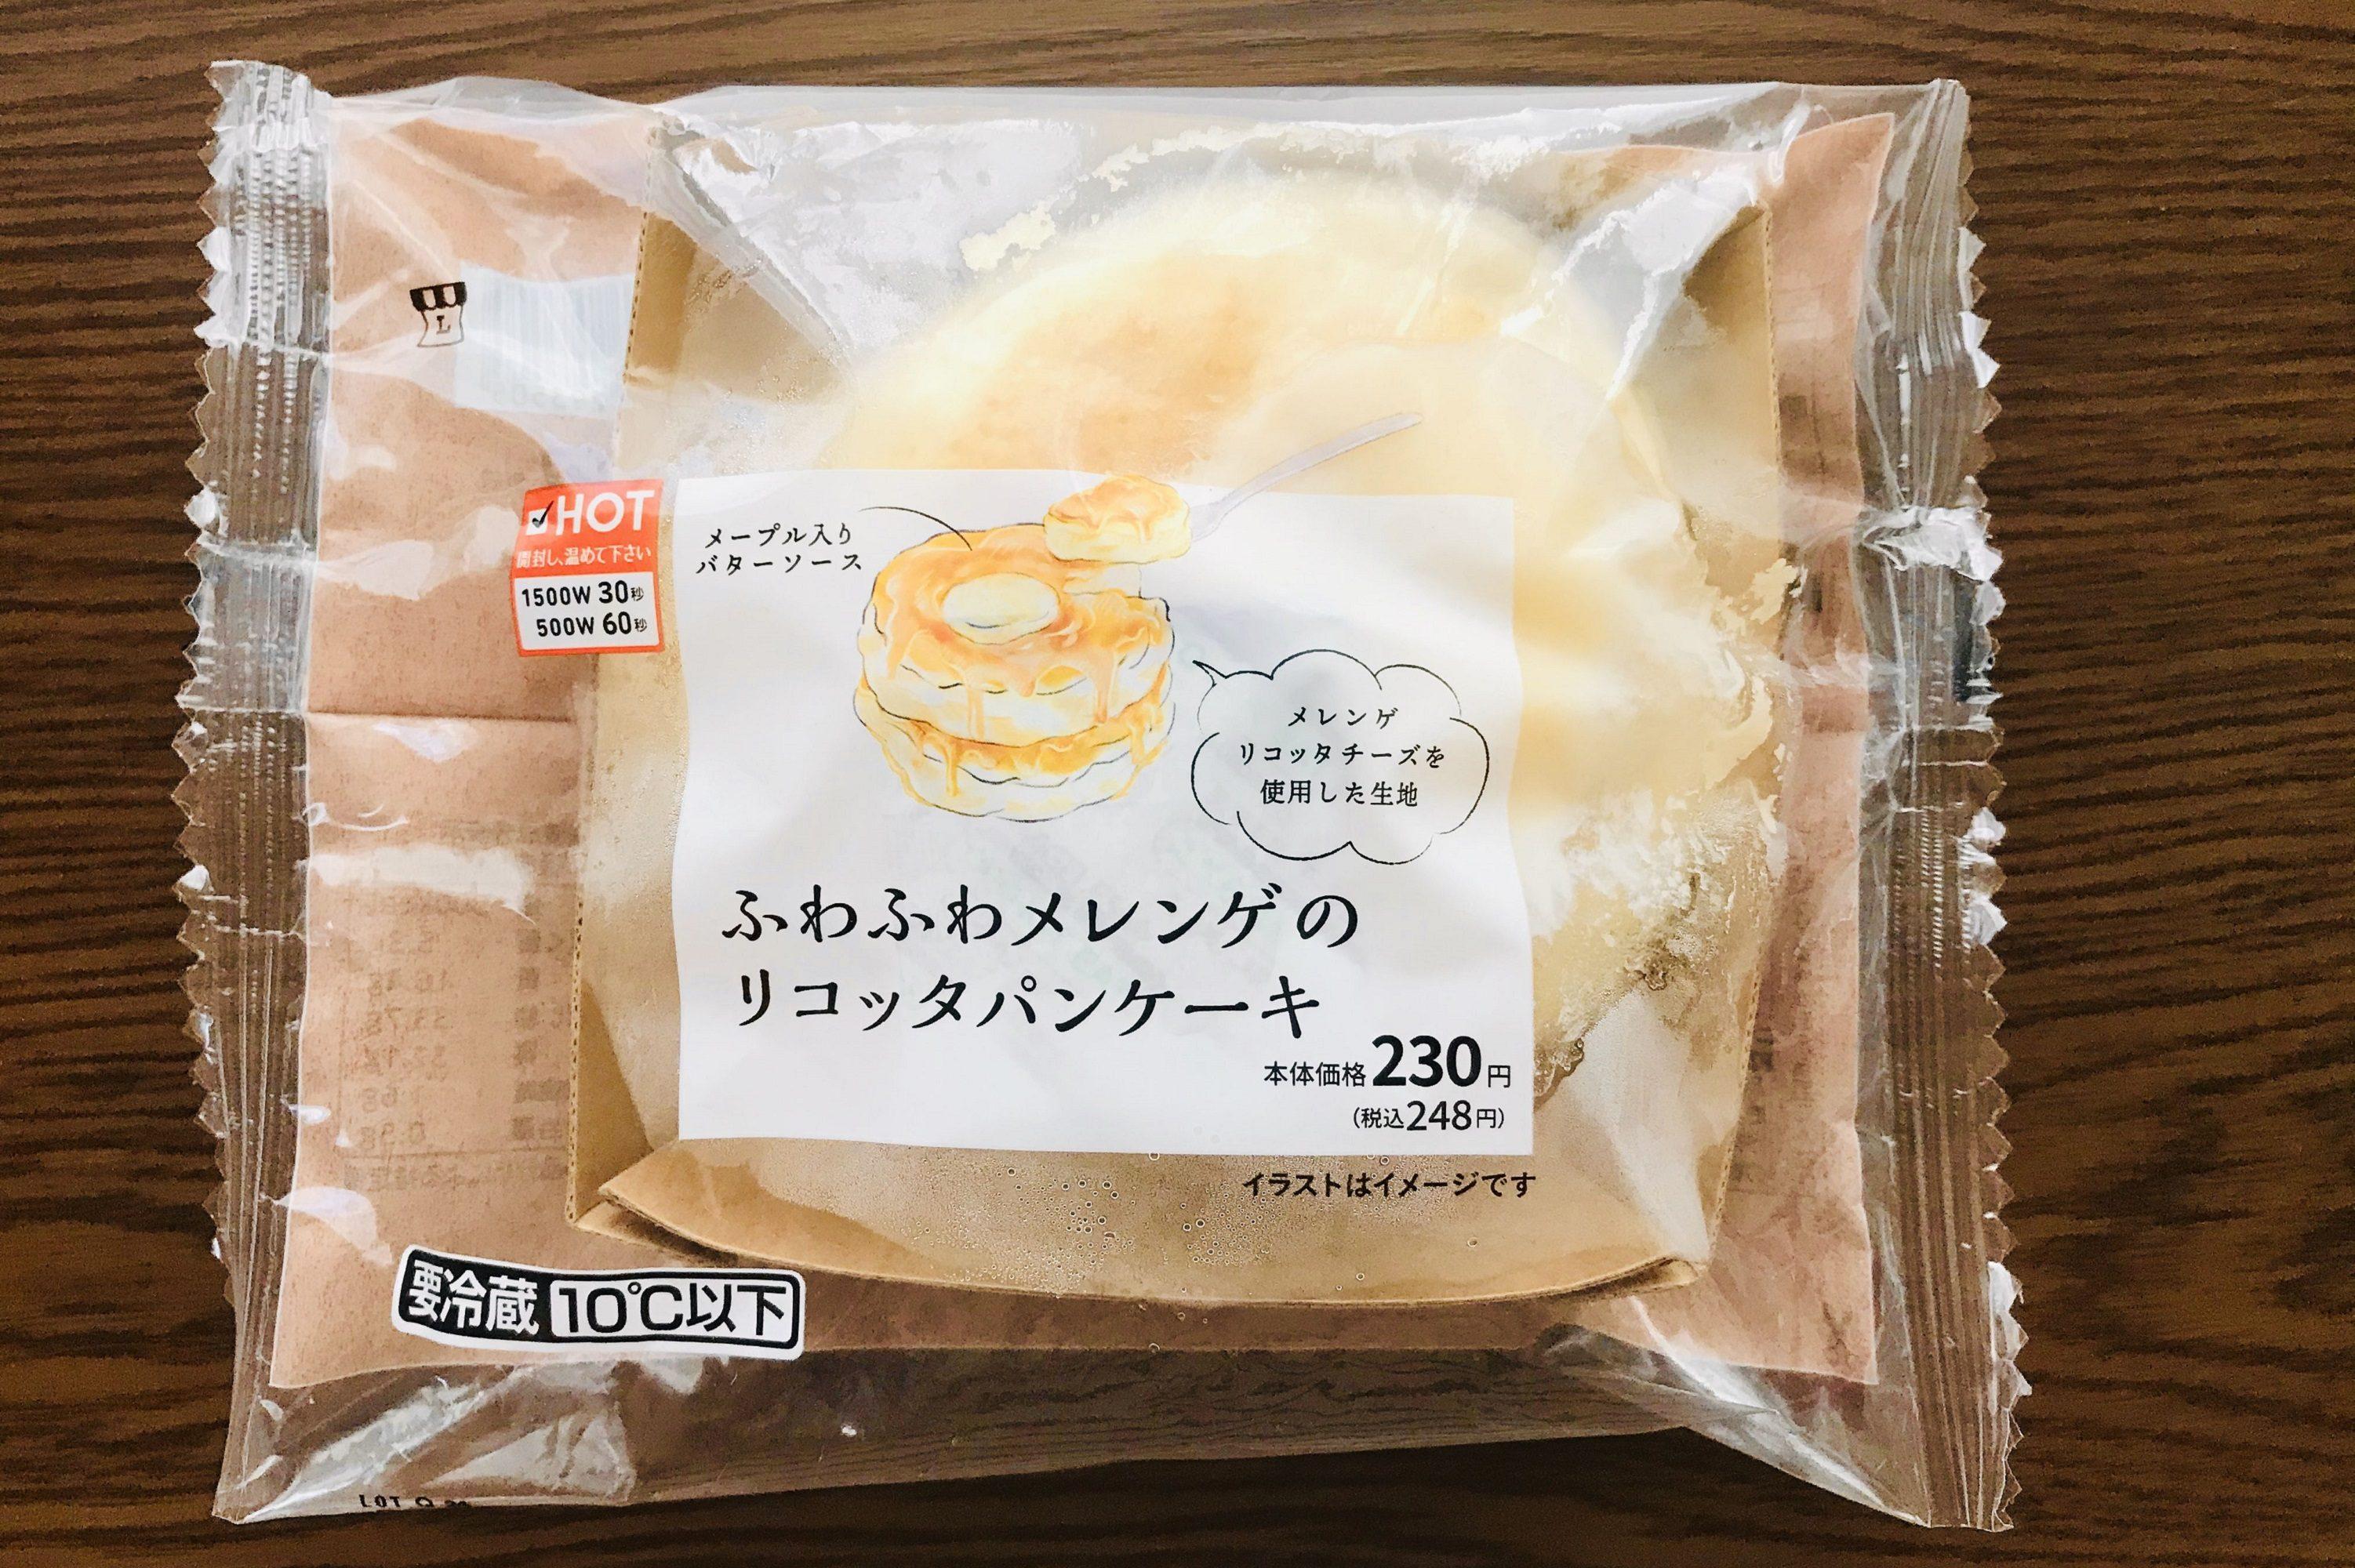 ローソン「ふわふわメレンゲのリコッタパンケーキ」